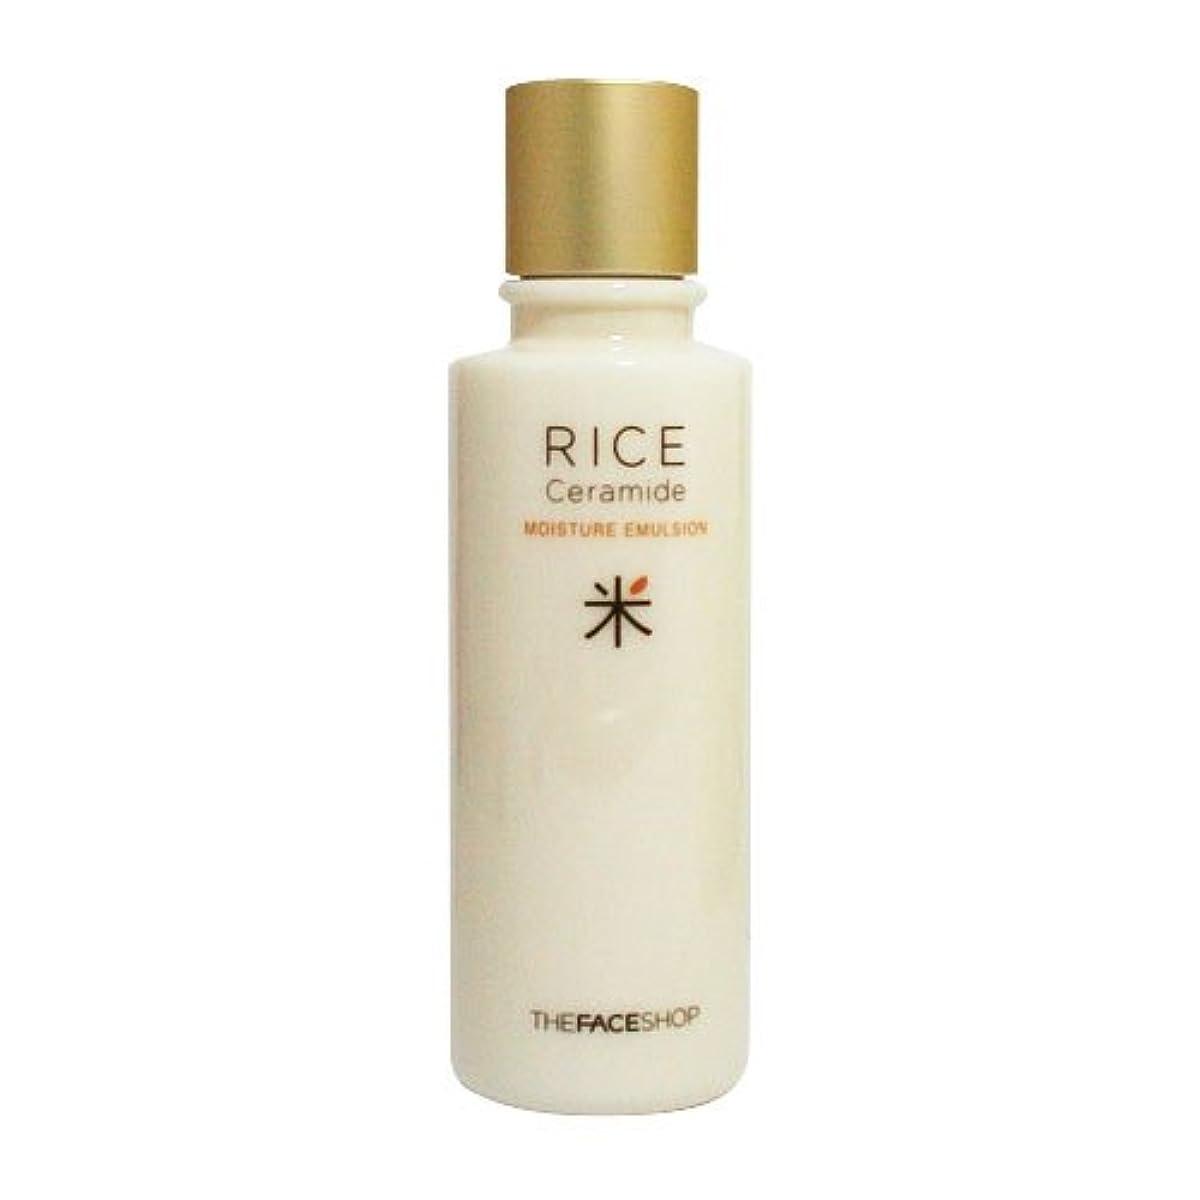 インデックス洗練喜ぶ[ザ?フェイスショップ] The Face Shop ライス&セラミド モイスチャーエマルジョン Rice & Ceramide Moisture Emulsion [並行輸入品]